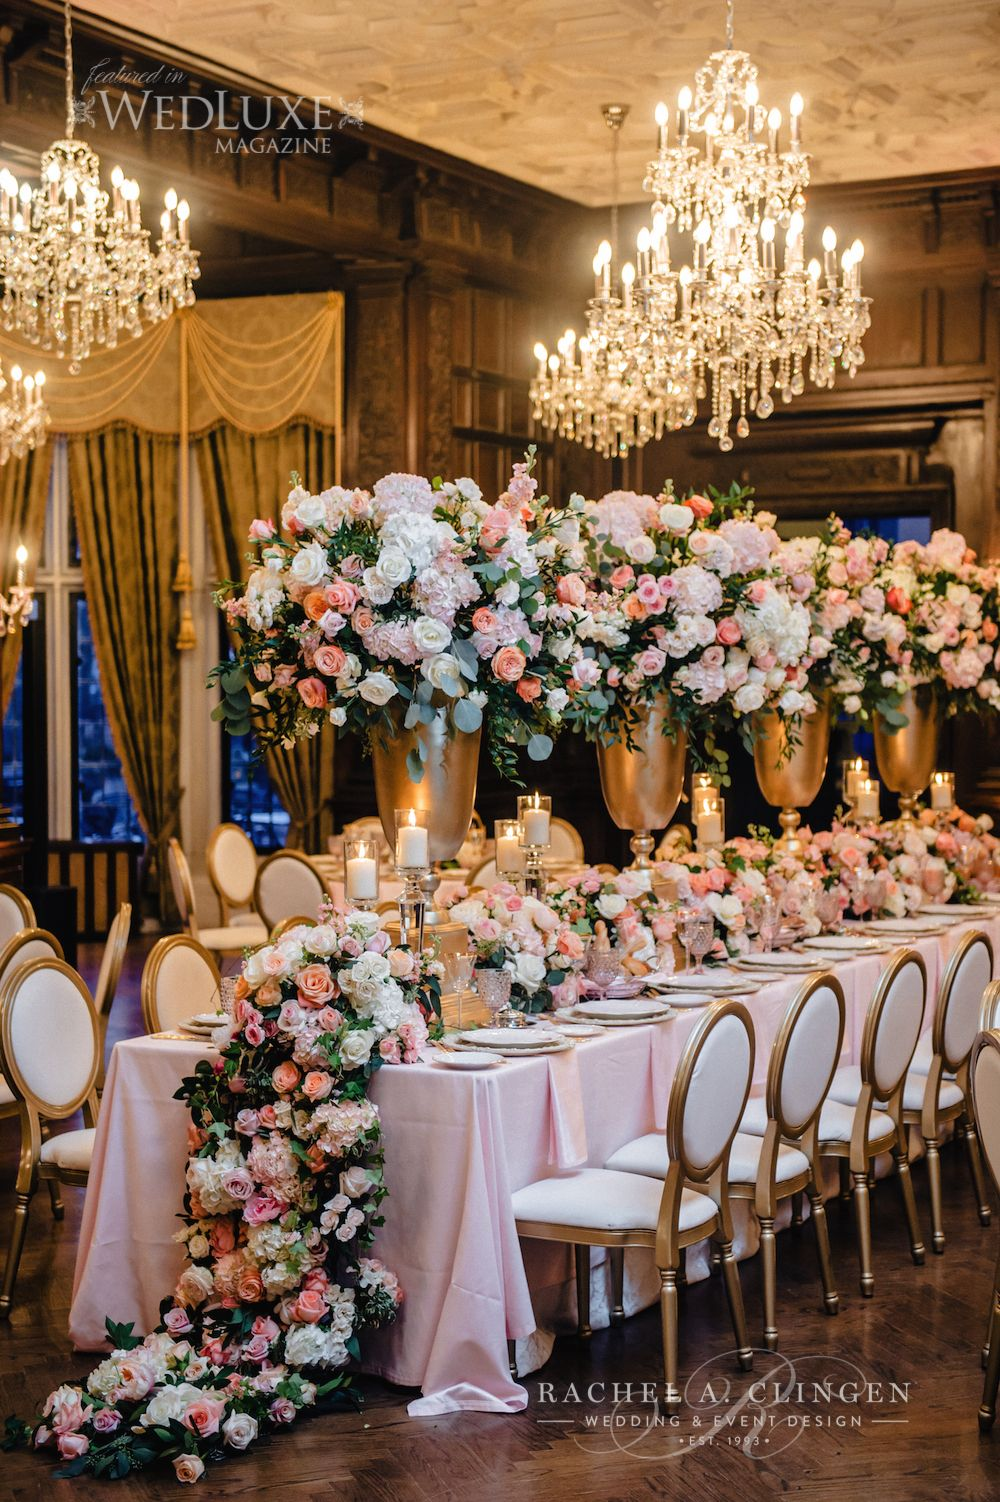 Magical casa loma wedding wedding decor toronto rachel a clingen